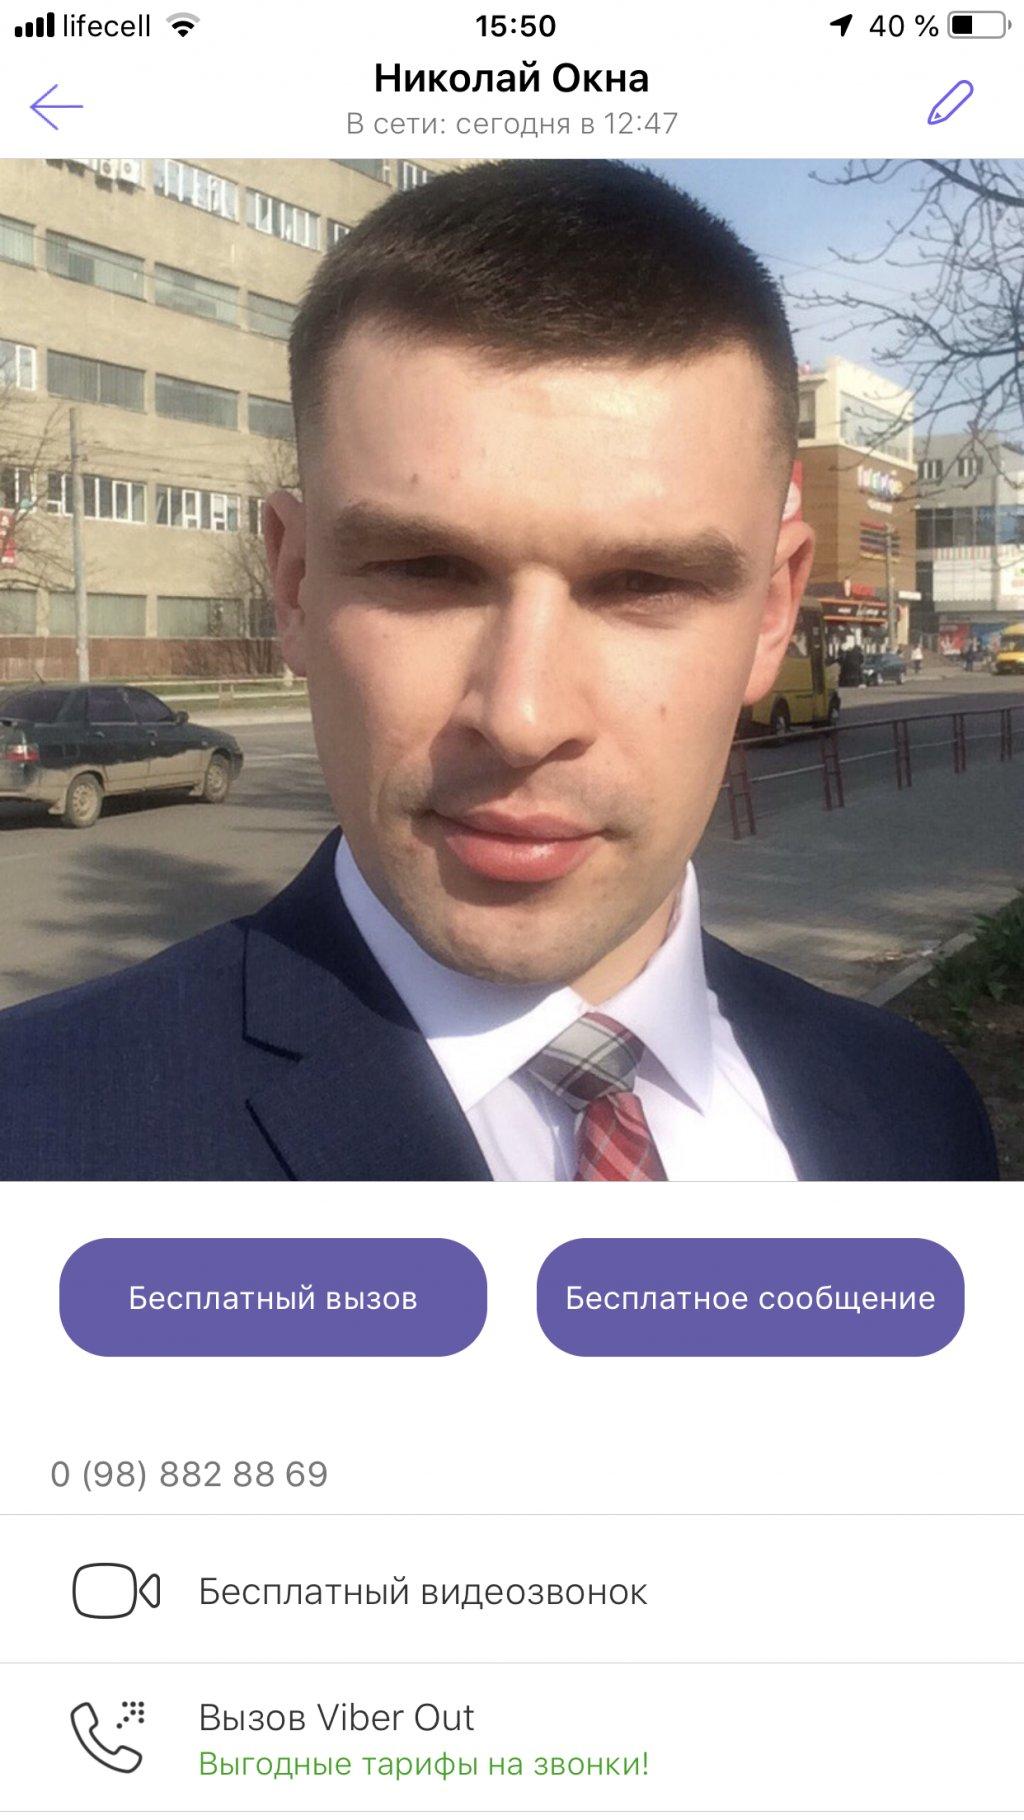 ROTTA - Резоль Николай мошенник